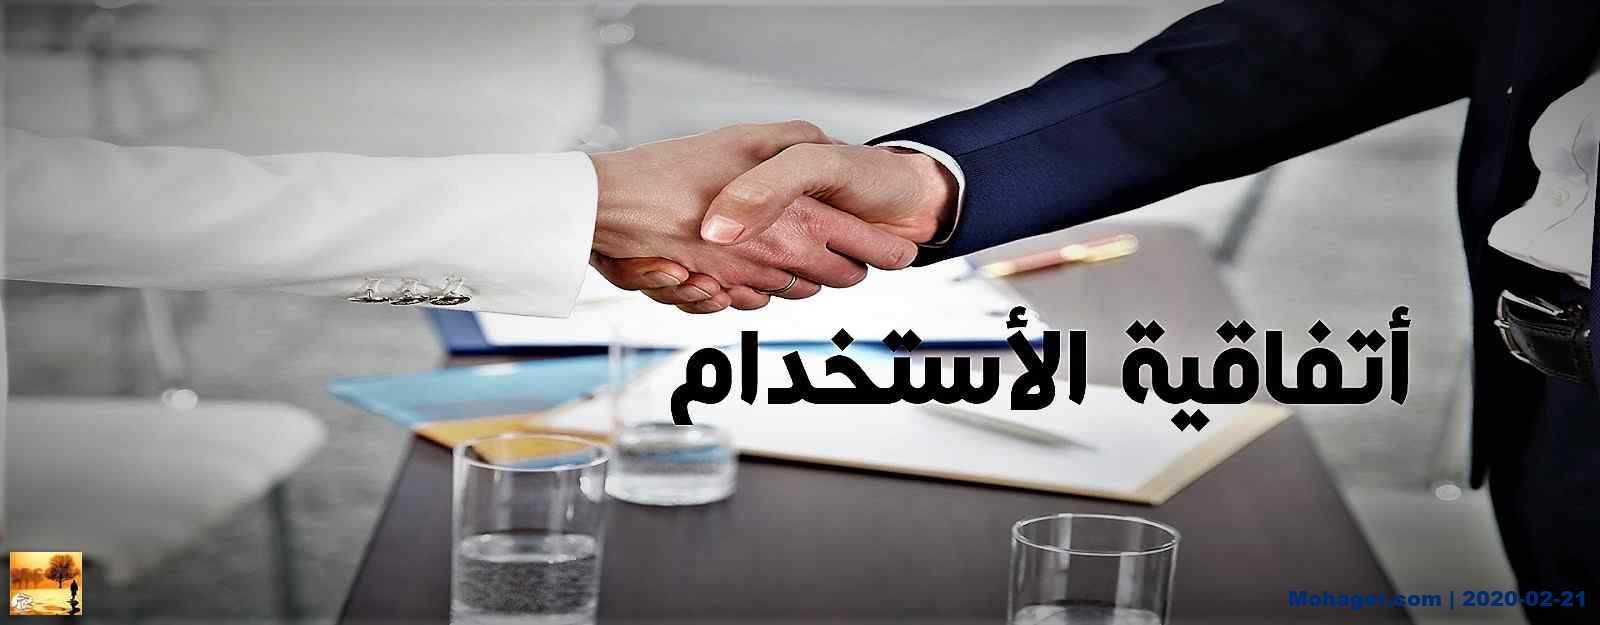 إتفاقية استخدام الموقع